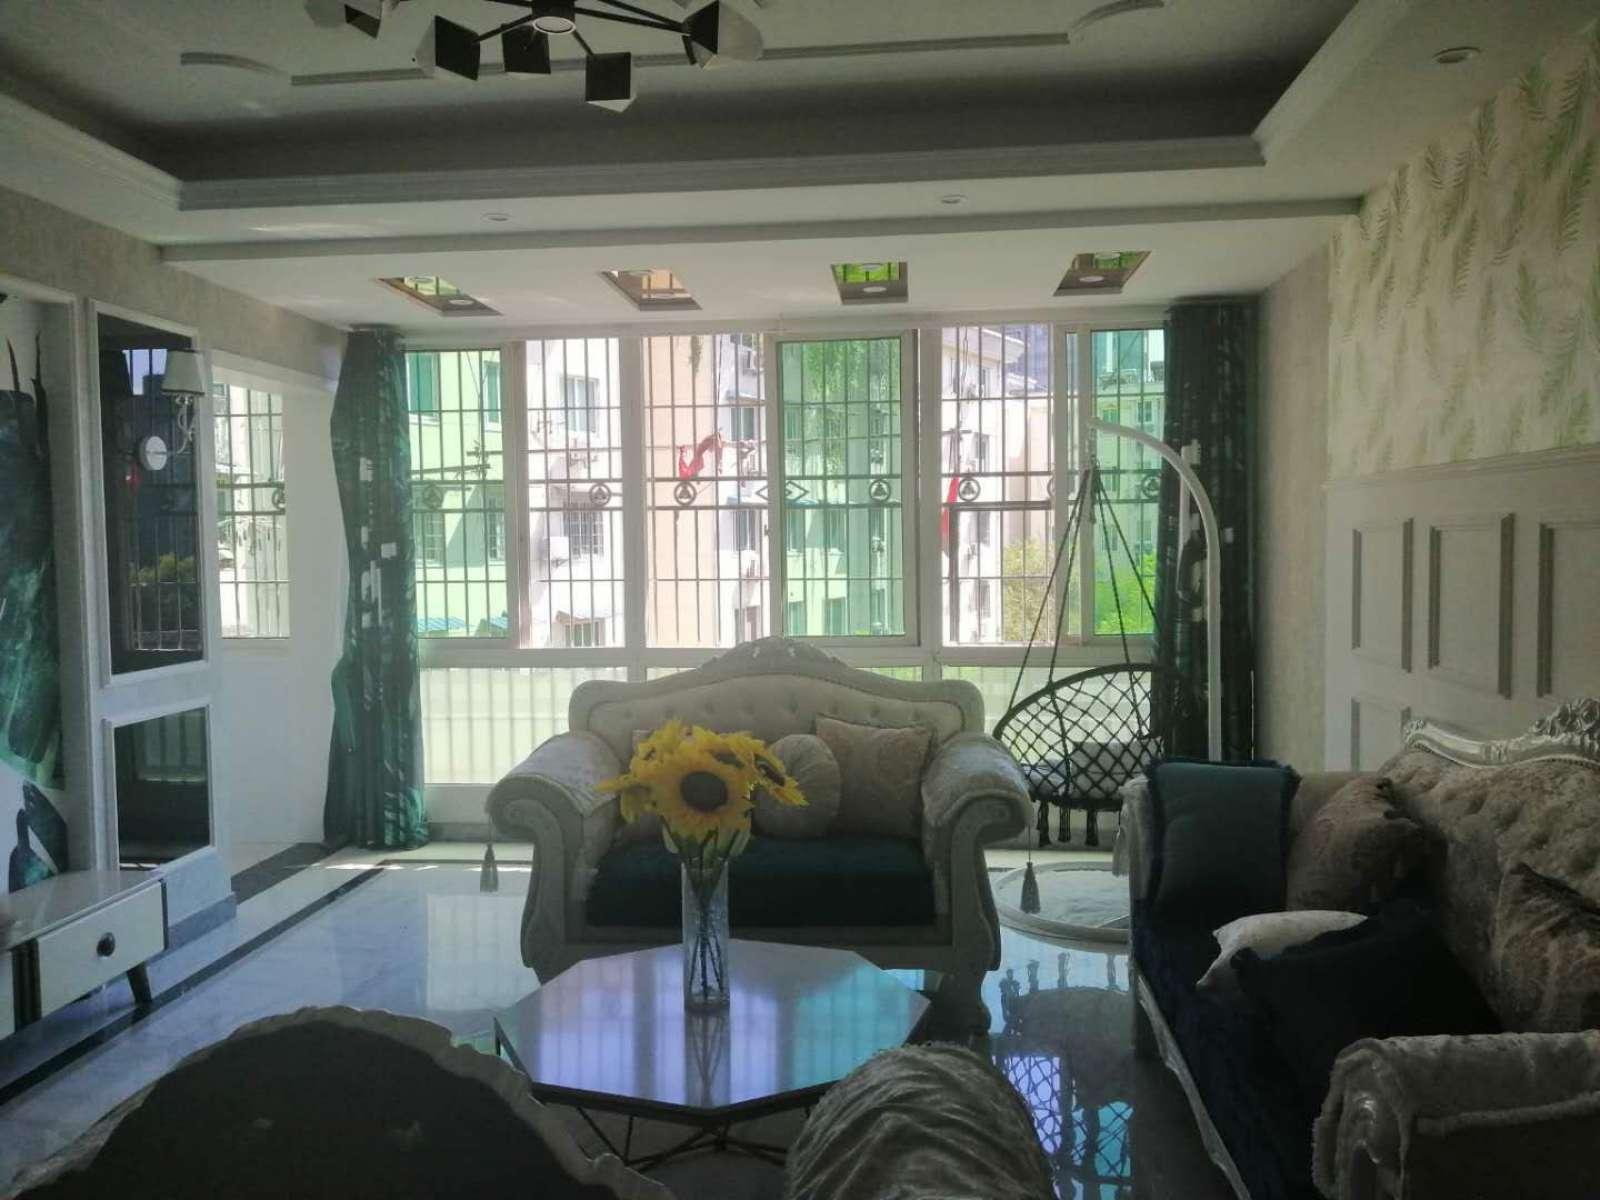 鸿丰花园精装大三房、位置绝佳、出行方便、